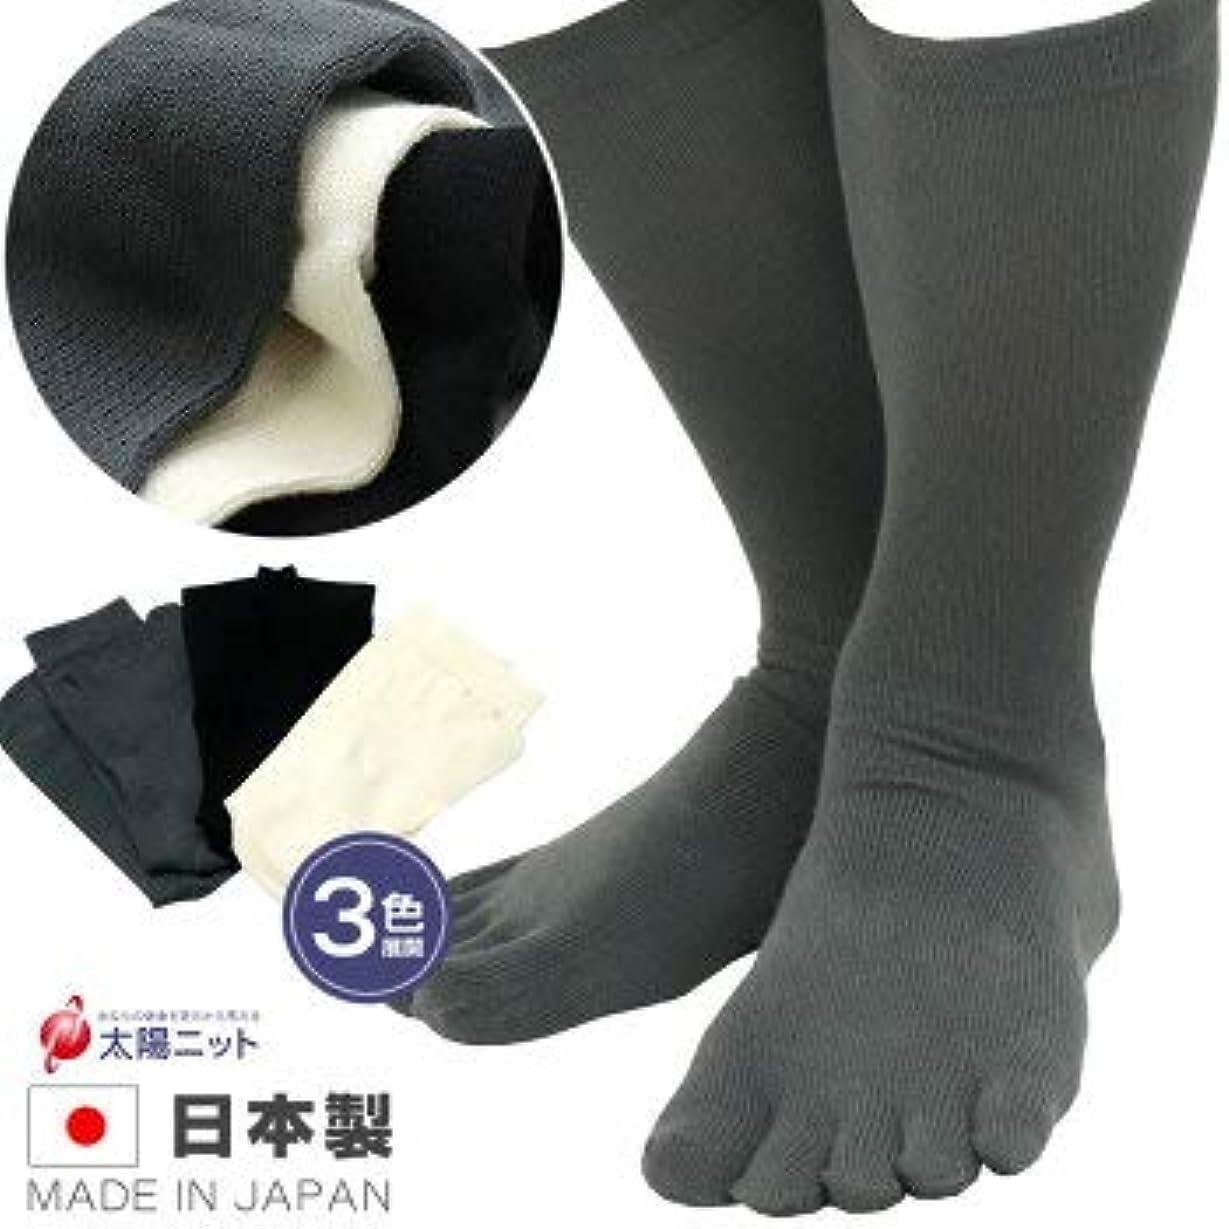 ケニア撤回する矛盾する男性用 綿100% 5本指 靴下 におい ムレ 対策 24-26㎝ 太陽ニッ ト321 (グレー)